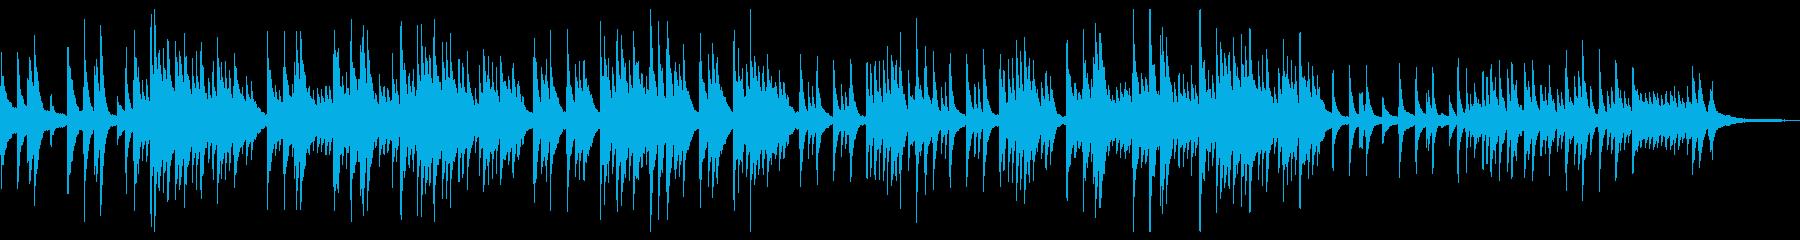 ノスタルジックで落ち着きのあるピアノソロの再生済みの波形